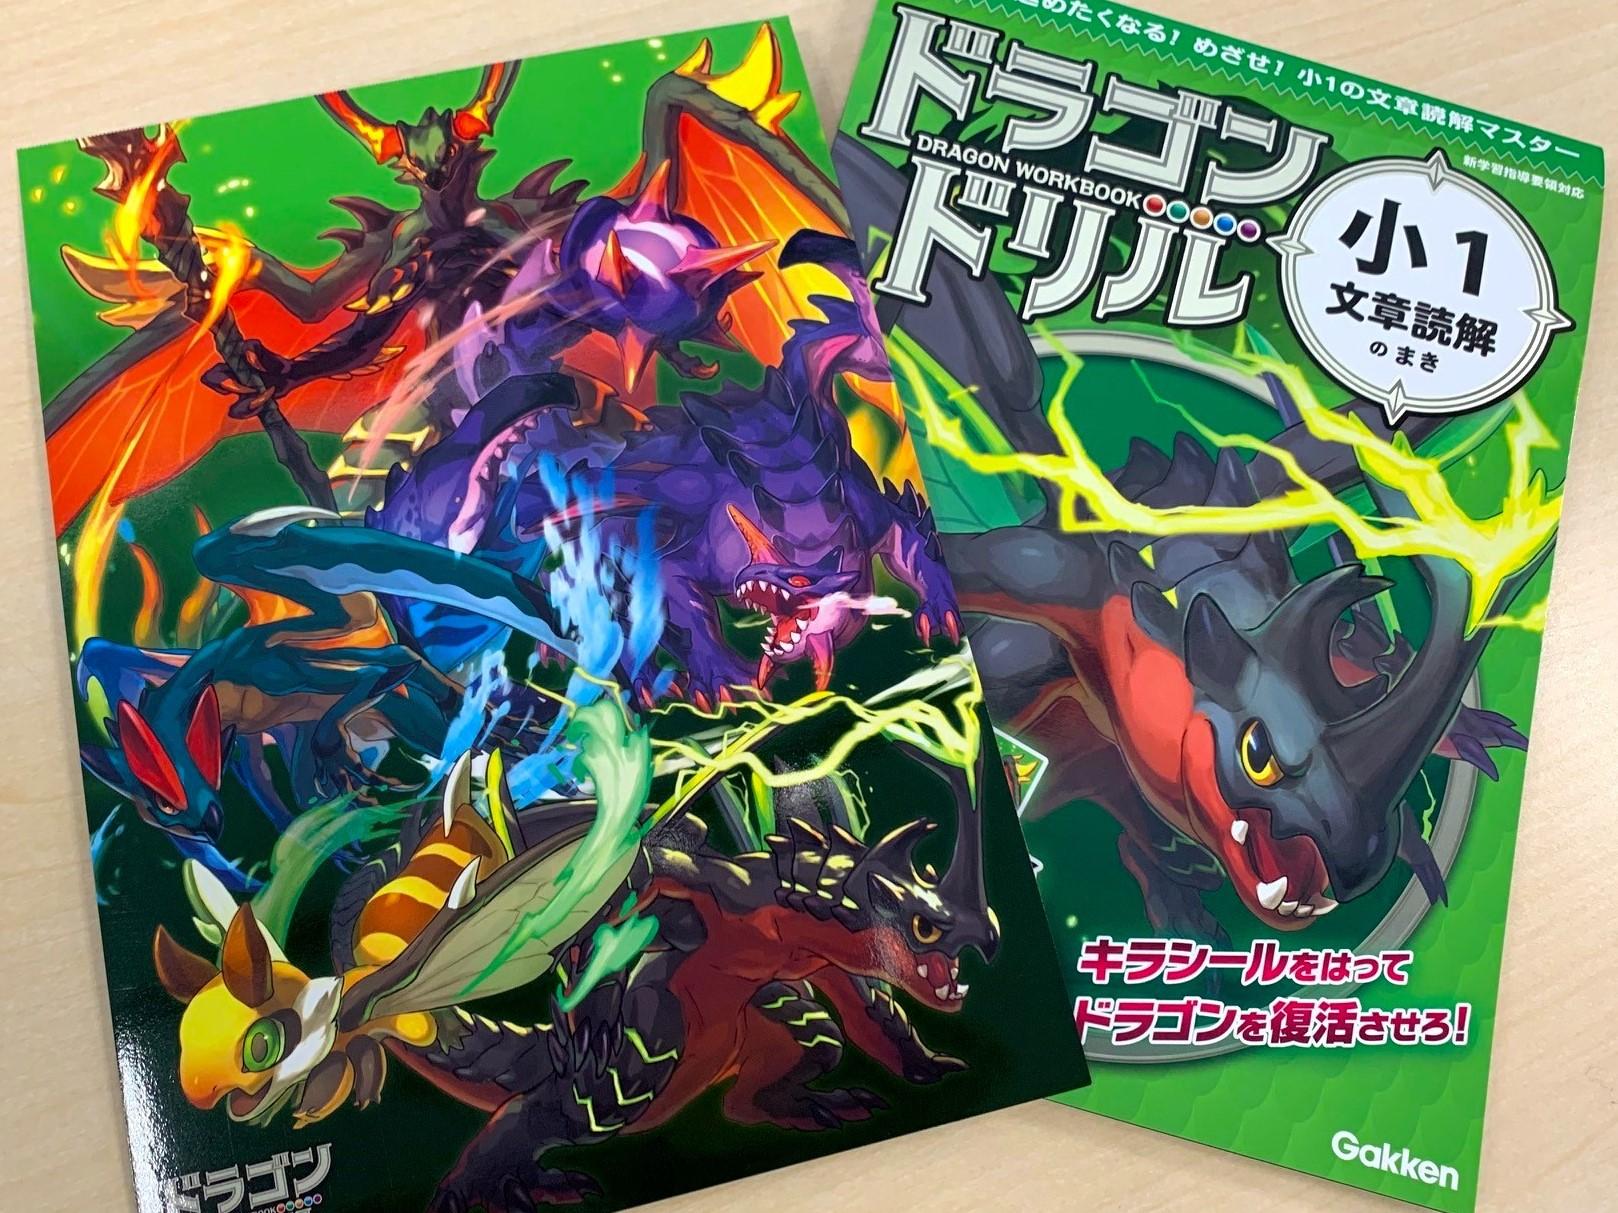 『小1文章読解のまき』には昆虫モチーフの「虫竜族」を収録。写真は「ドラゴン下じき」。